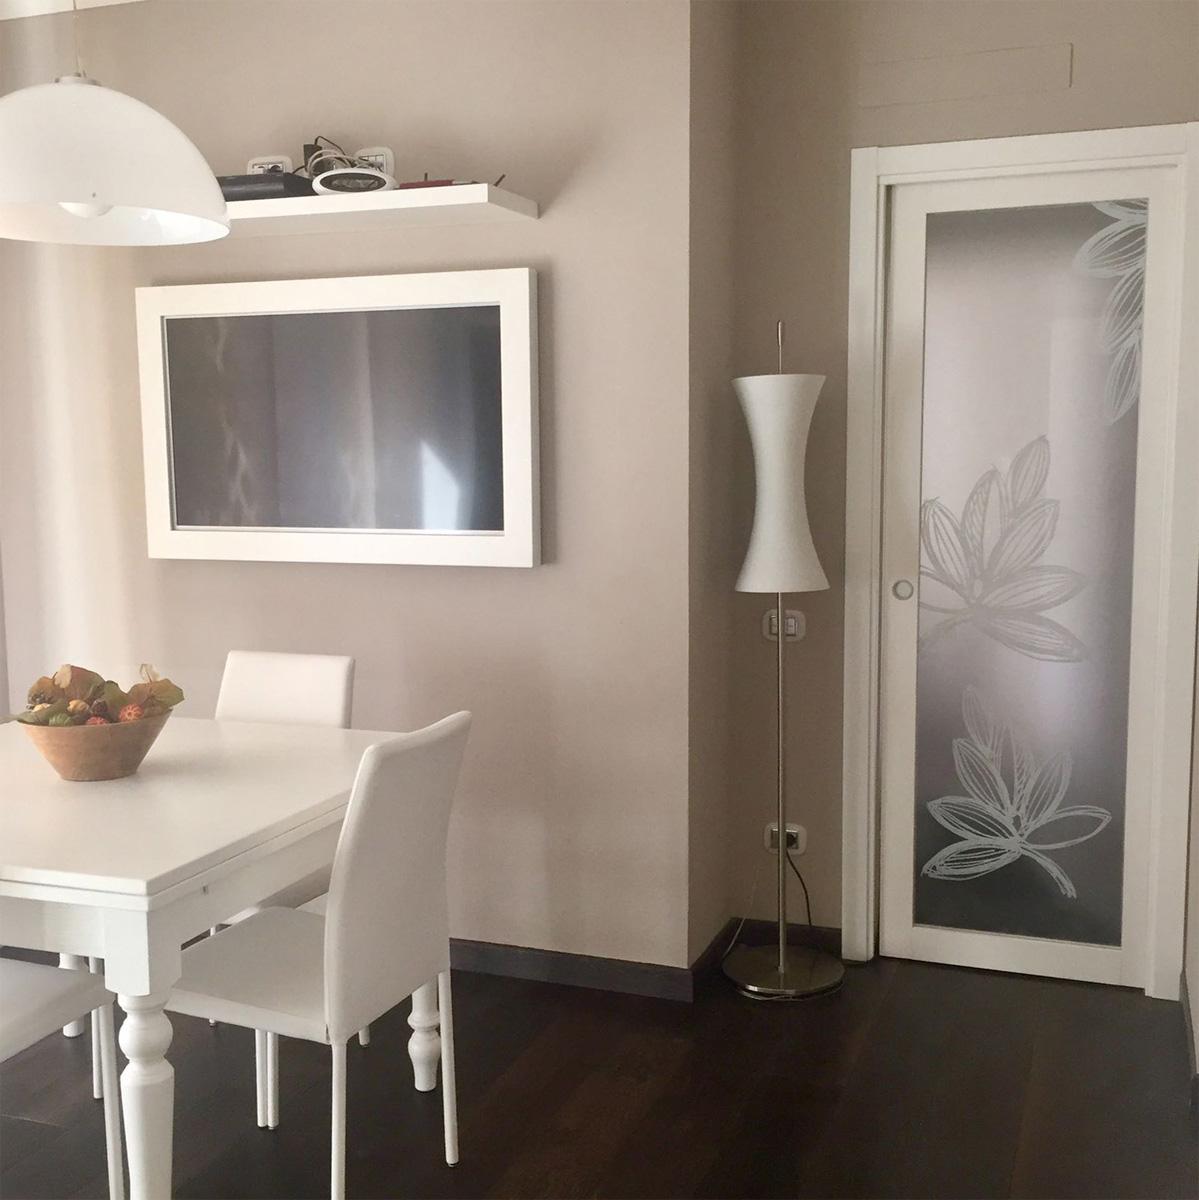 Casa GL2 - Zona pranzo con tavolo e sedie in legno, lampade in vetro e pavimento in legno - Tommaso Vecci